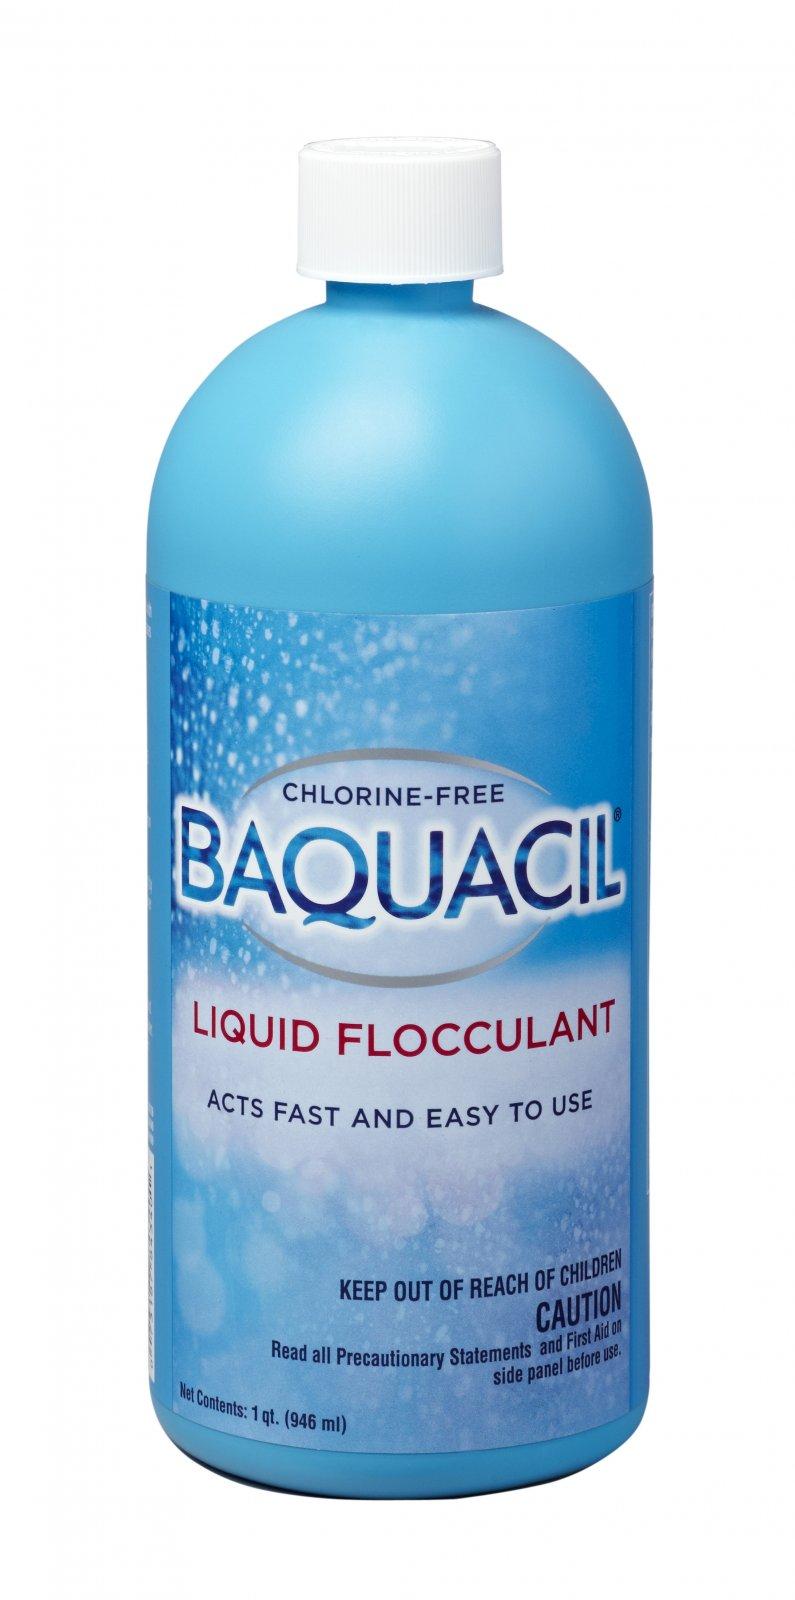 BAQUACIL Liquid Flocculant